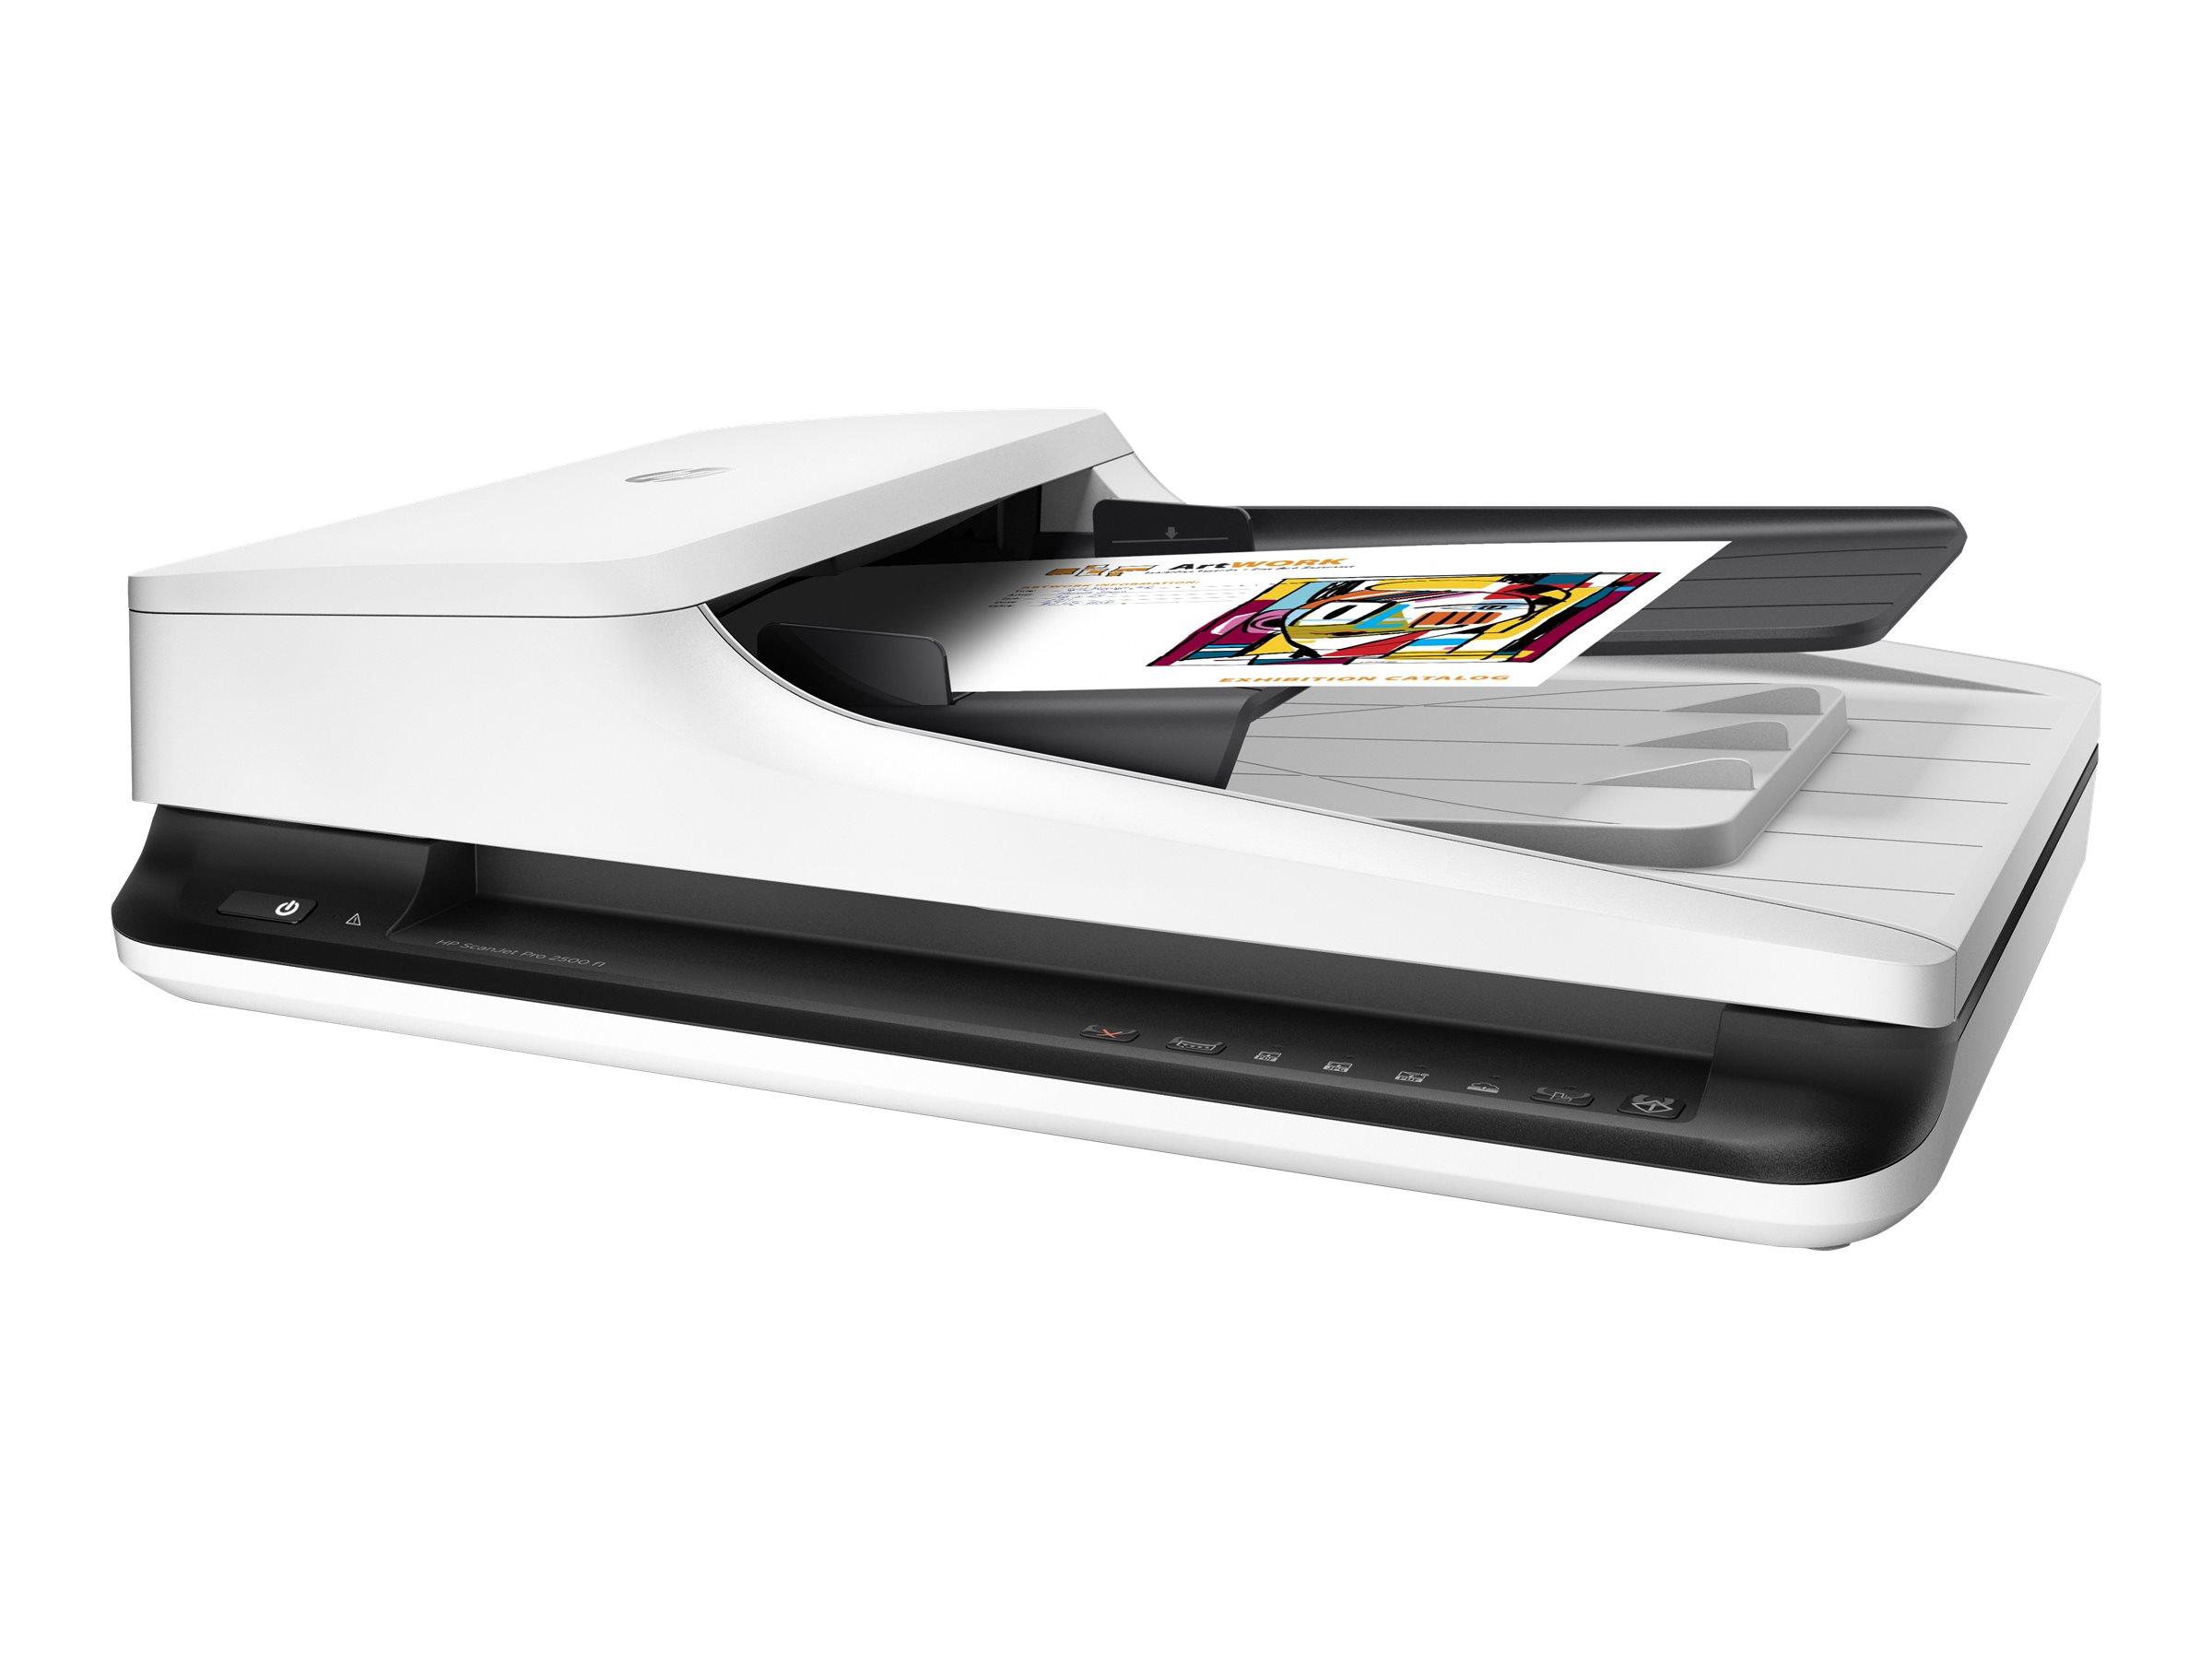 HP Scanjet Pro 2500 f1 - Dokumentenscanner - CMOS / CIS - Duplex - A4/Letter - 1200 dpi x 1200 dpi - bis zu 20 Seiten/Min. (einfarbig)